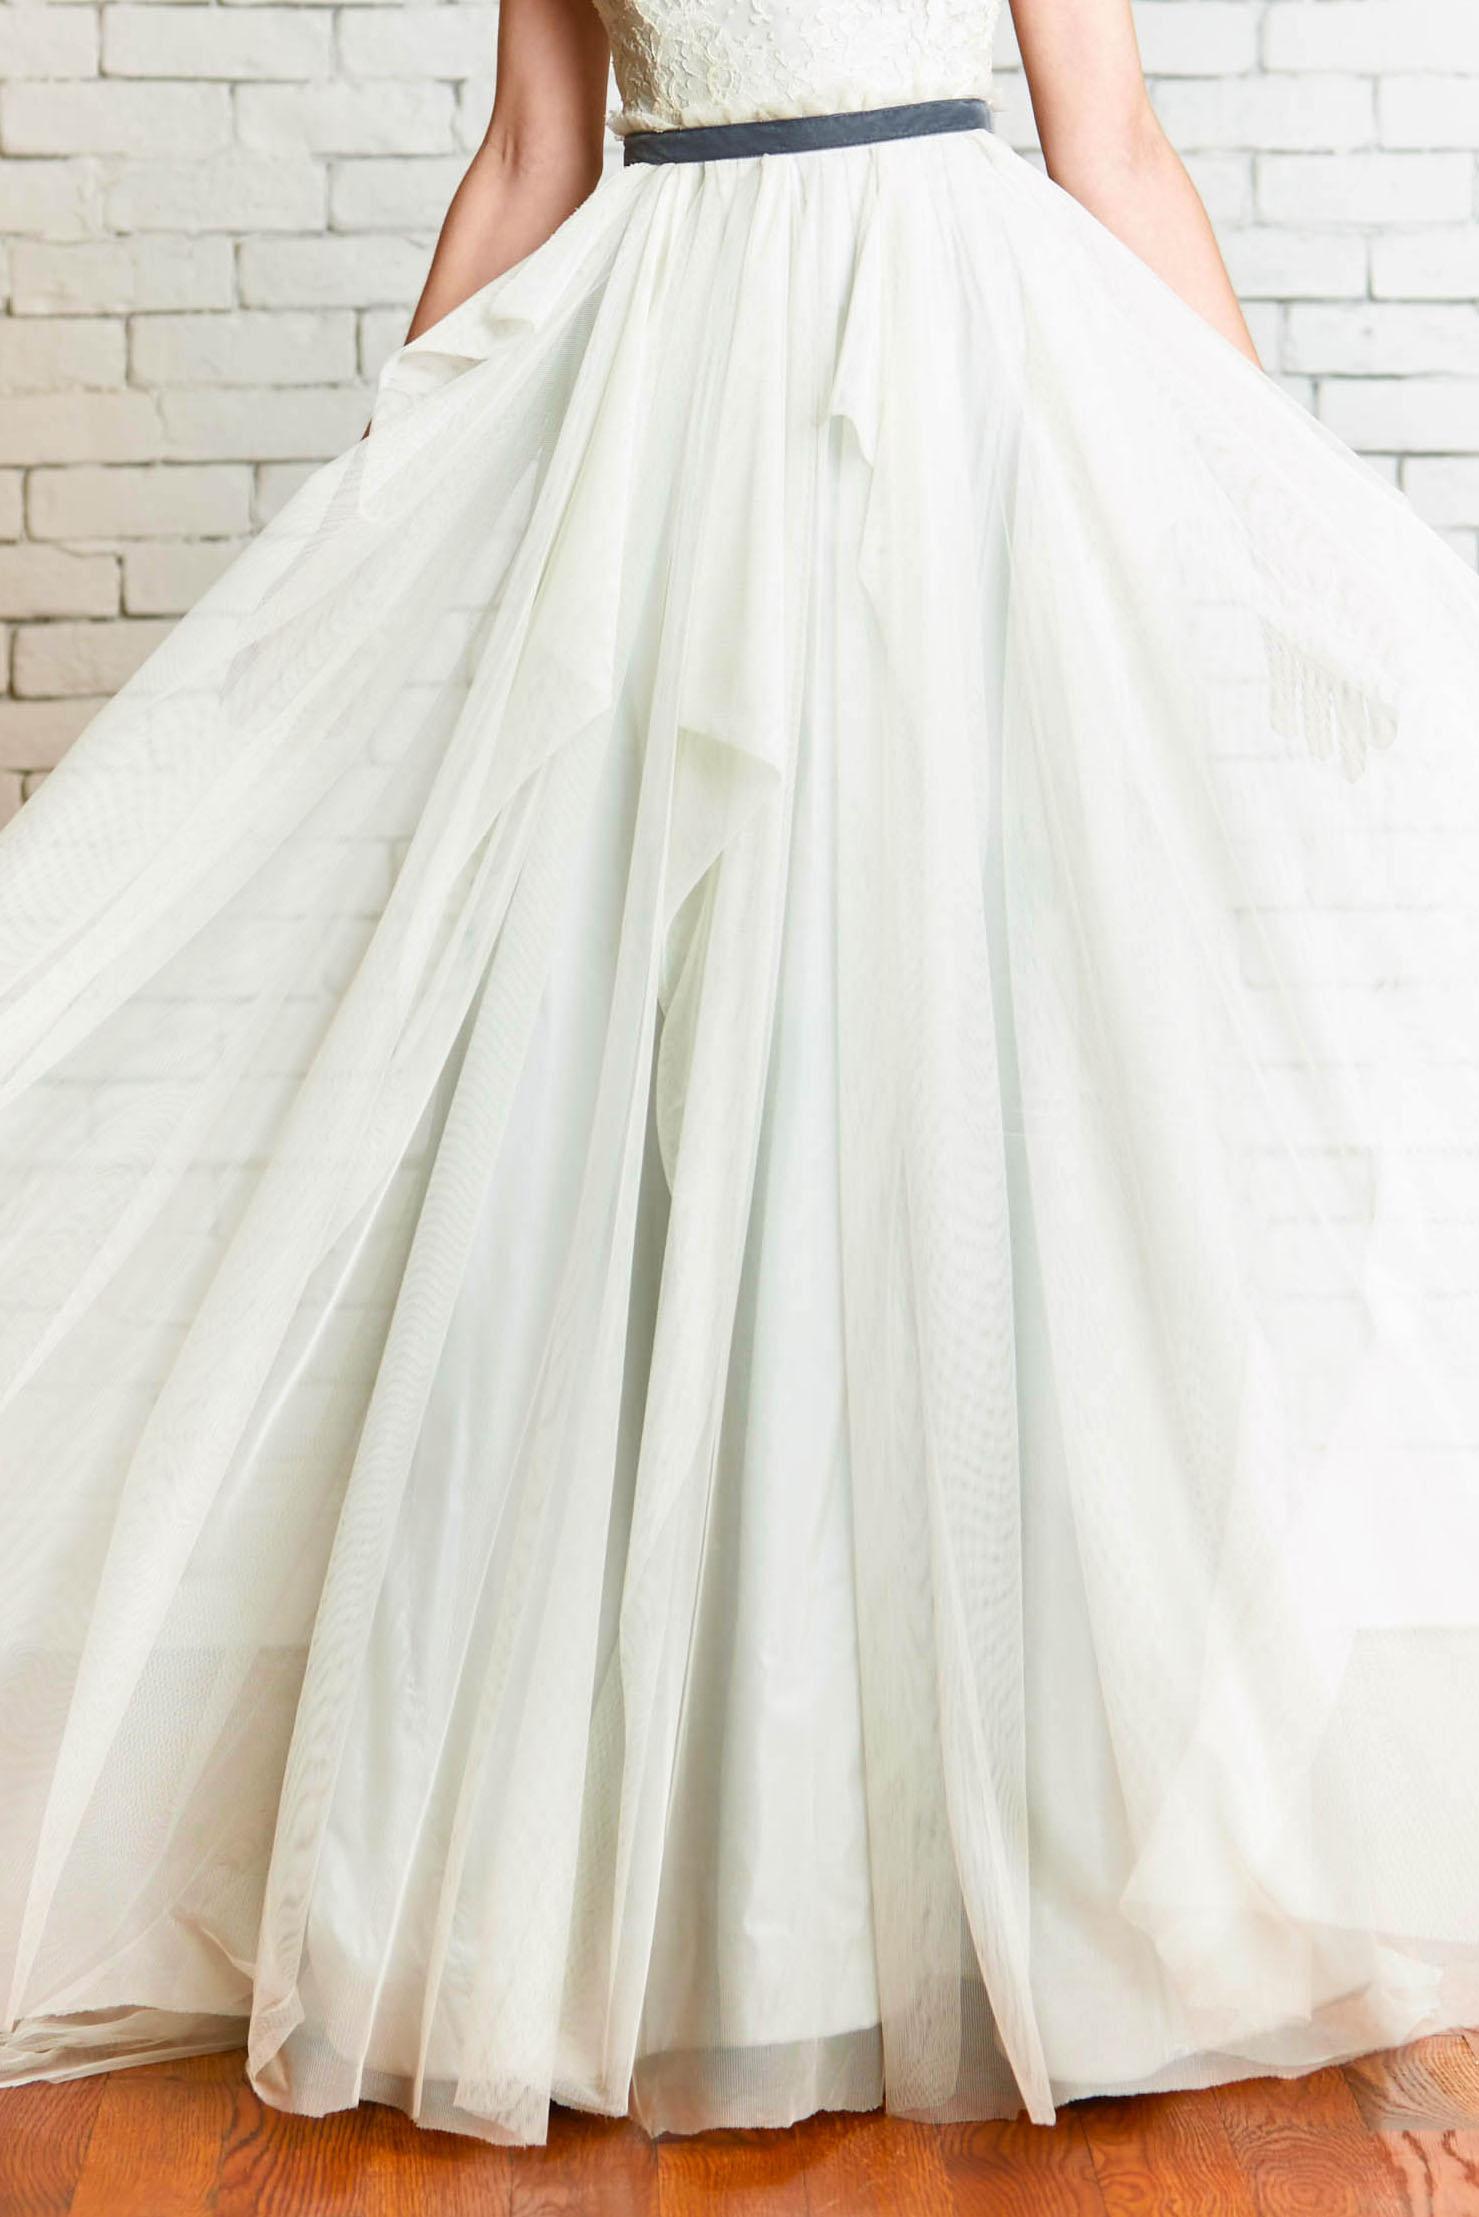 Elizabeth-1front_Tulle_Something_Blue_Boho_Romantic_Ballgown_Skirt.jpg